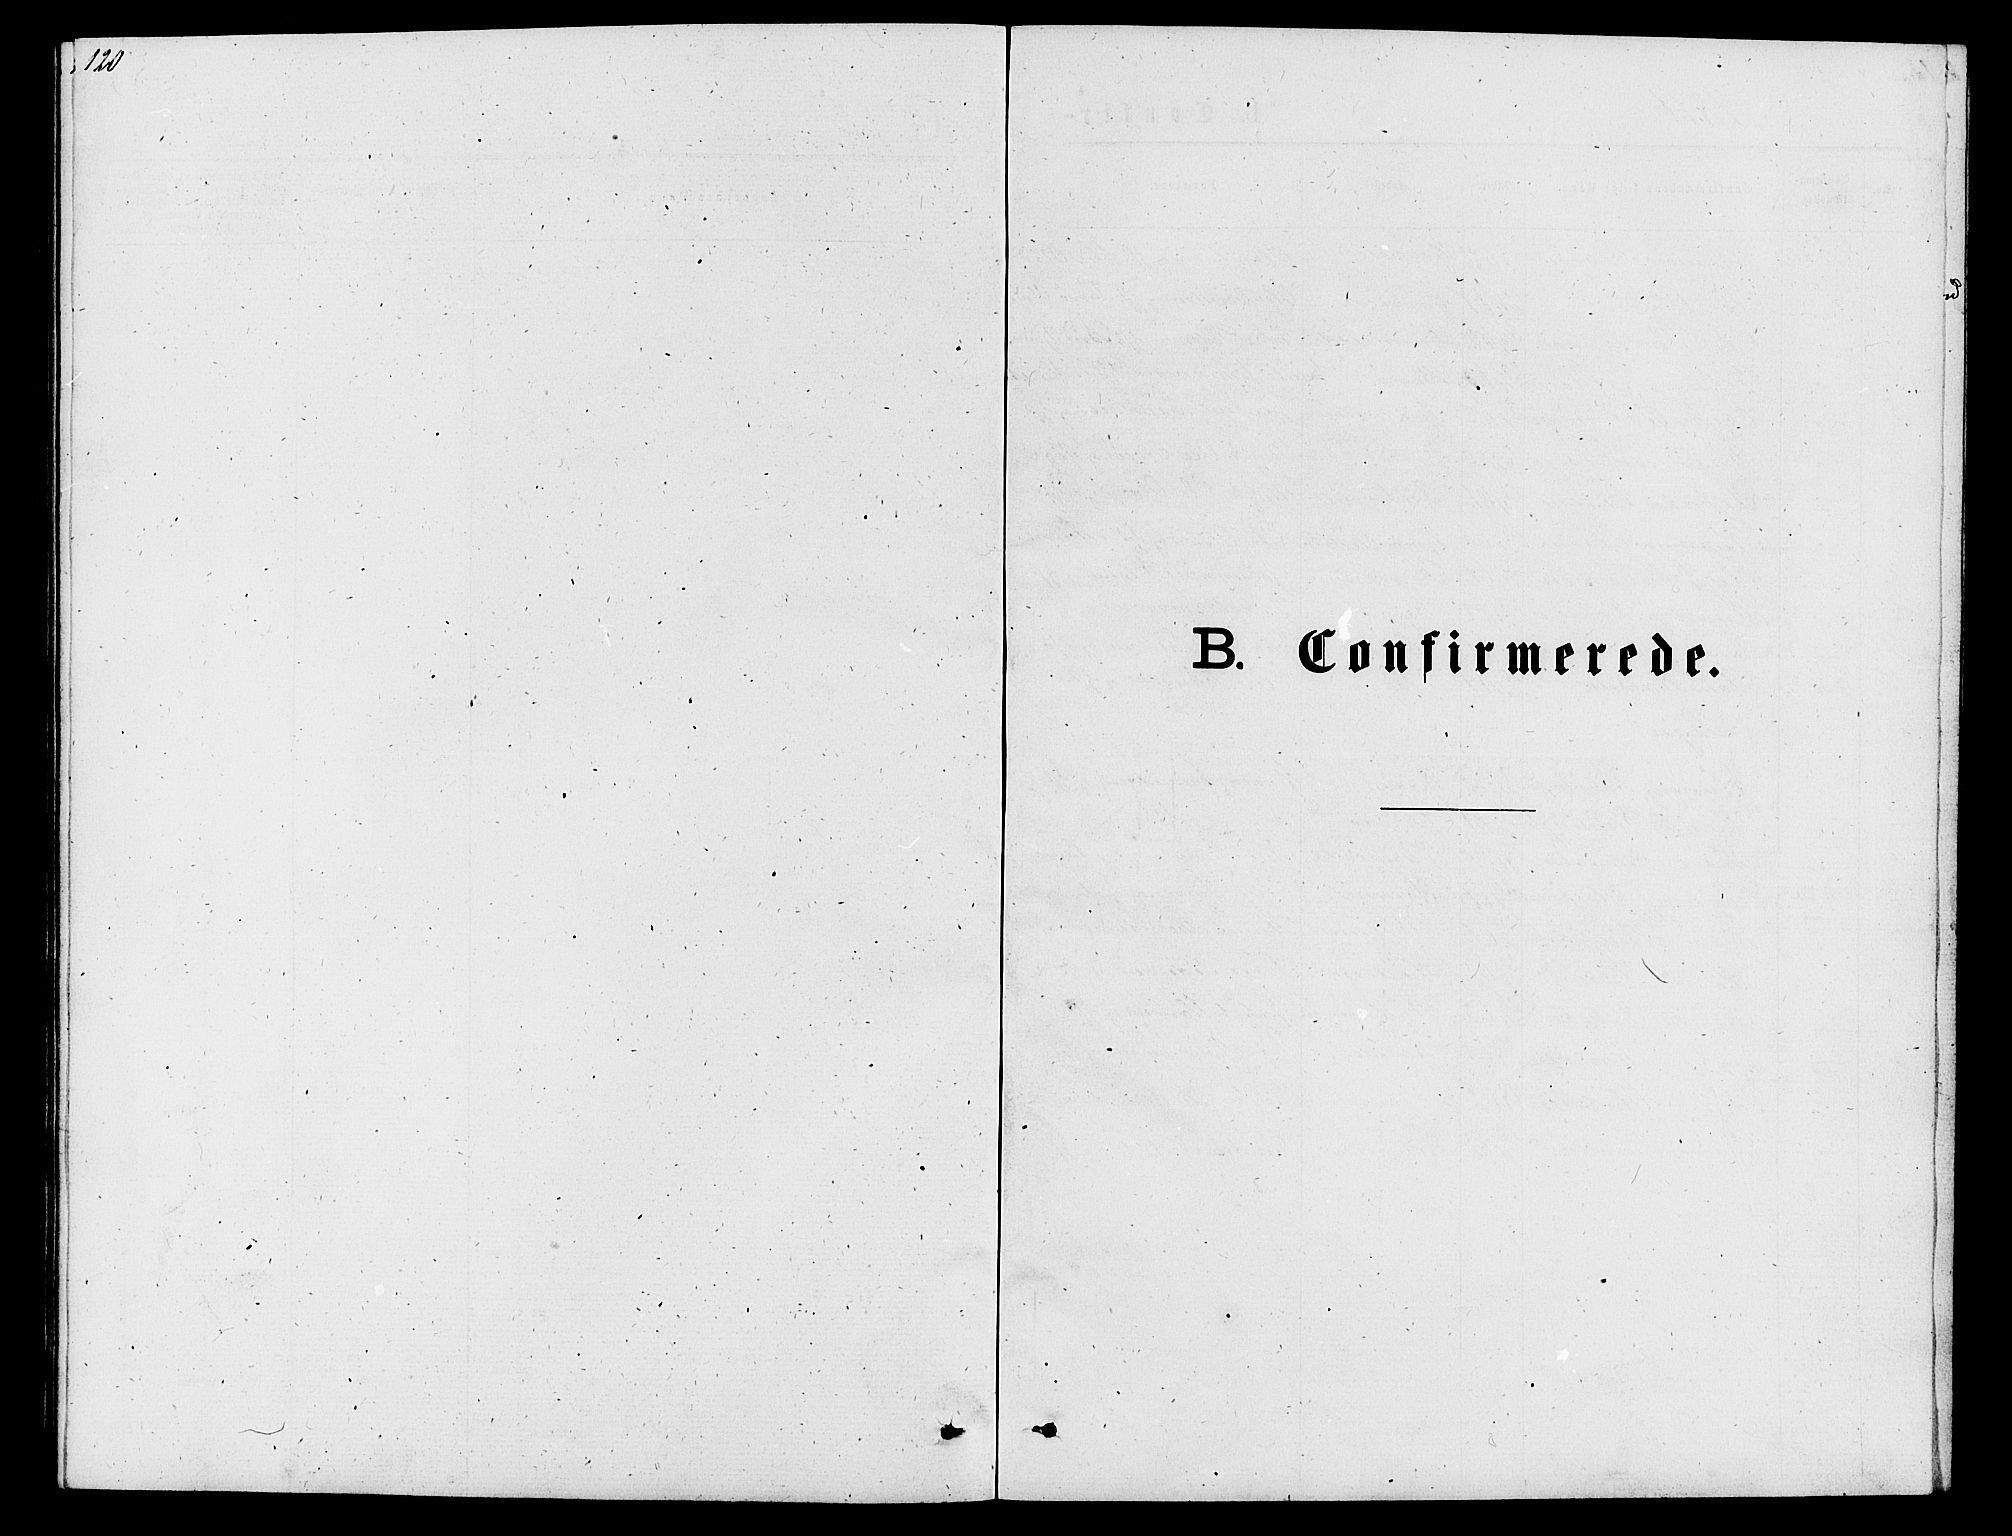 SAH, Lom prestekontor, L/L0005: Klokkerbok nr. 5, 1876-1901, s. 120-121